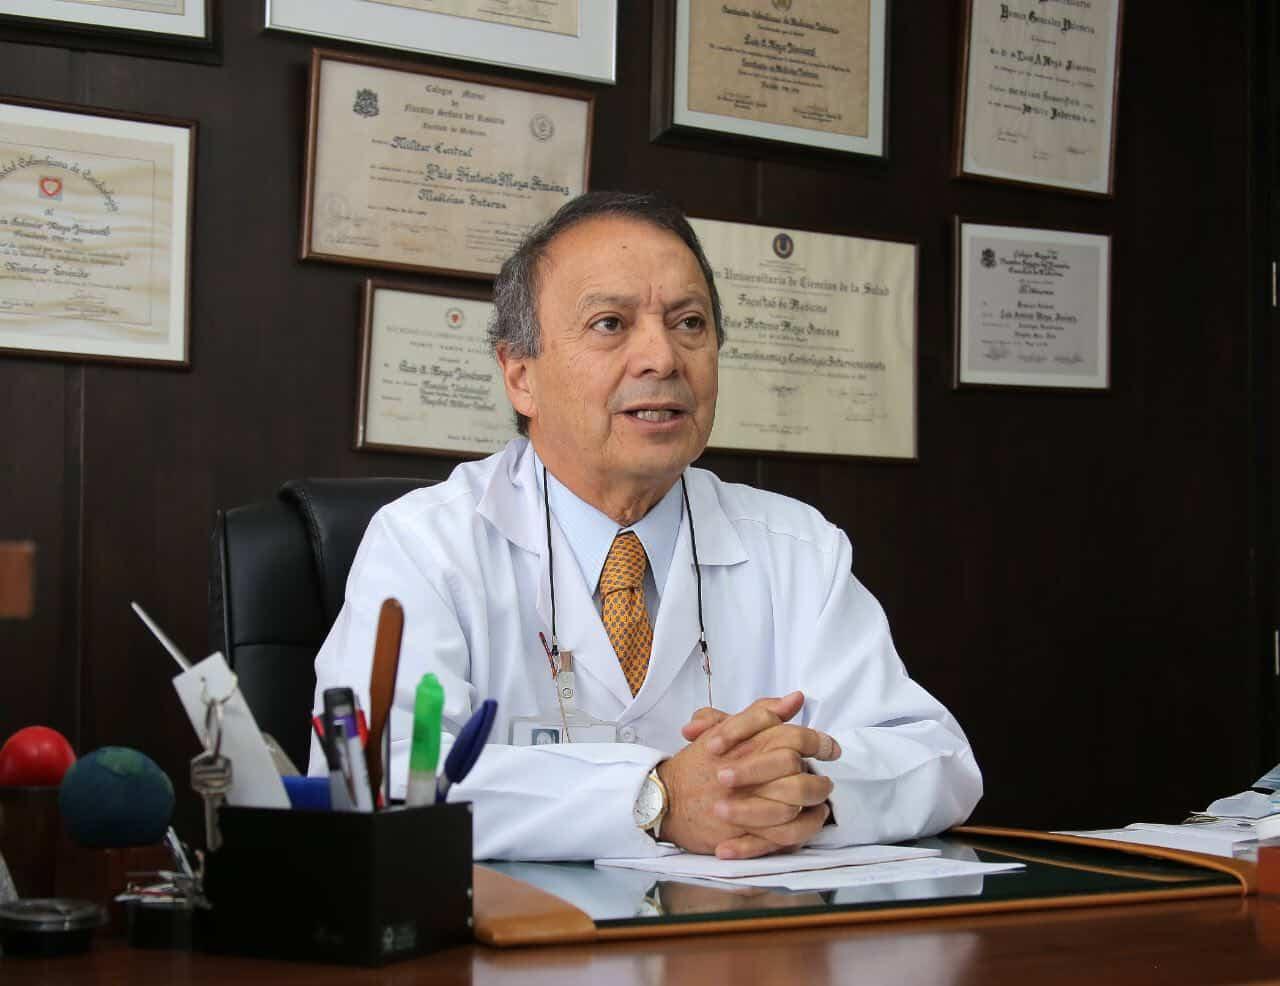 La Federación Mundial del Corazón destacó a médico del hospital de Tunja como héroe del corazón